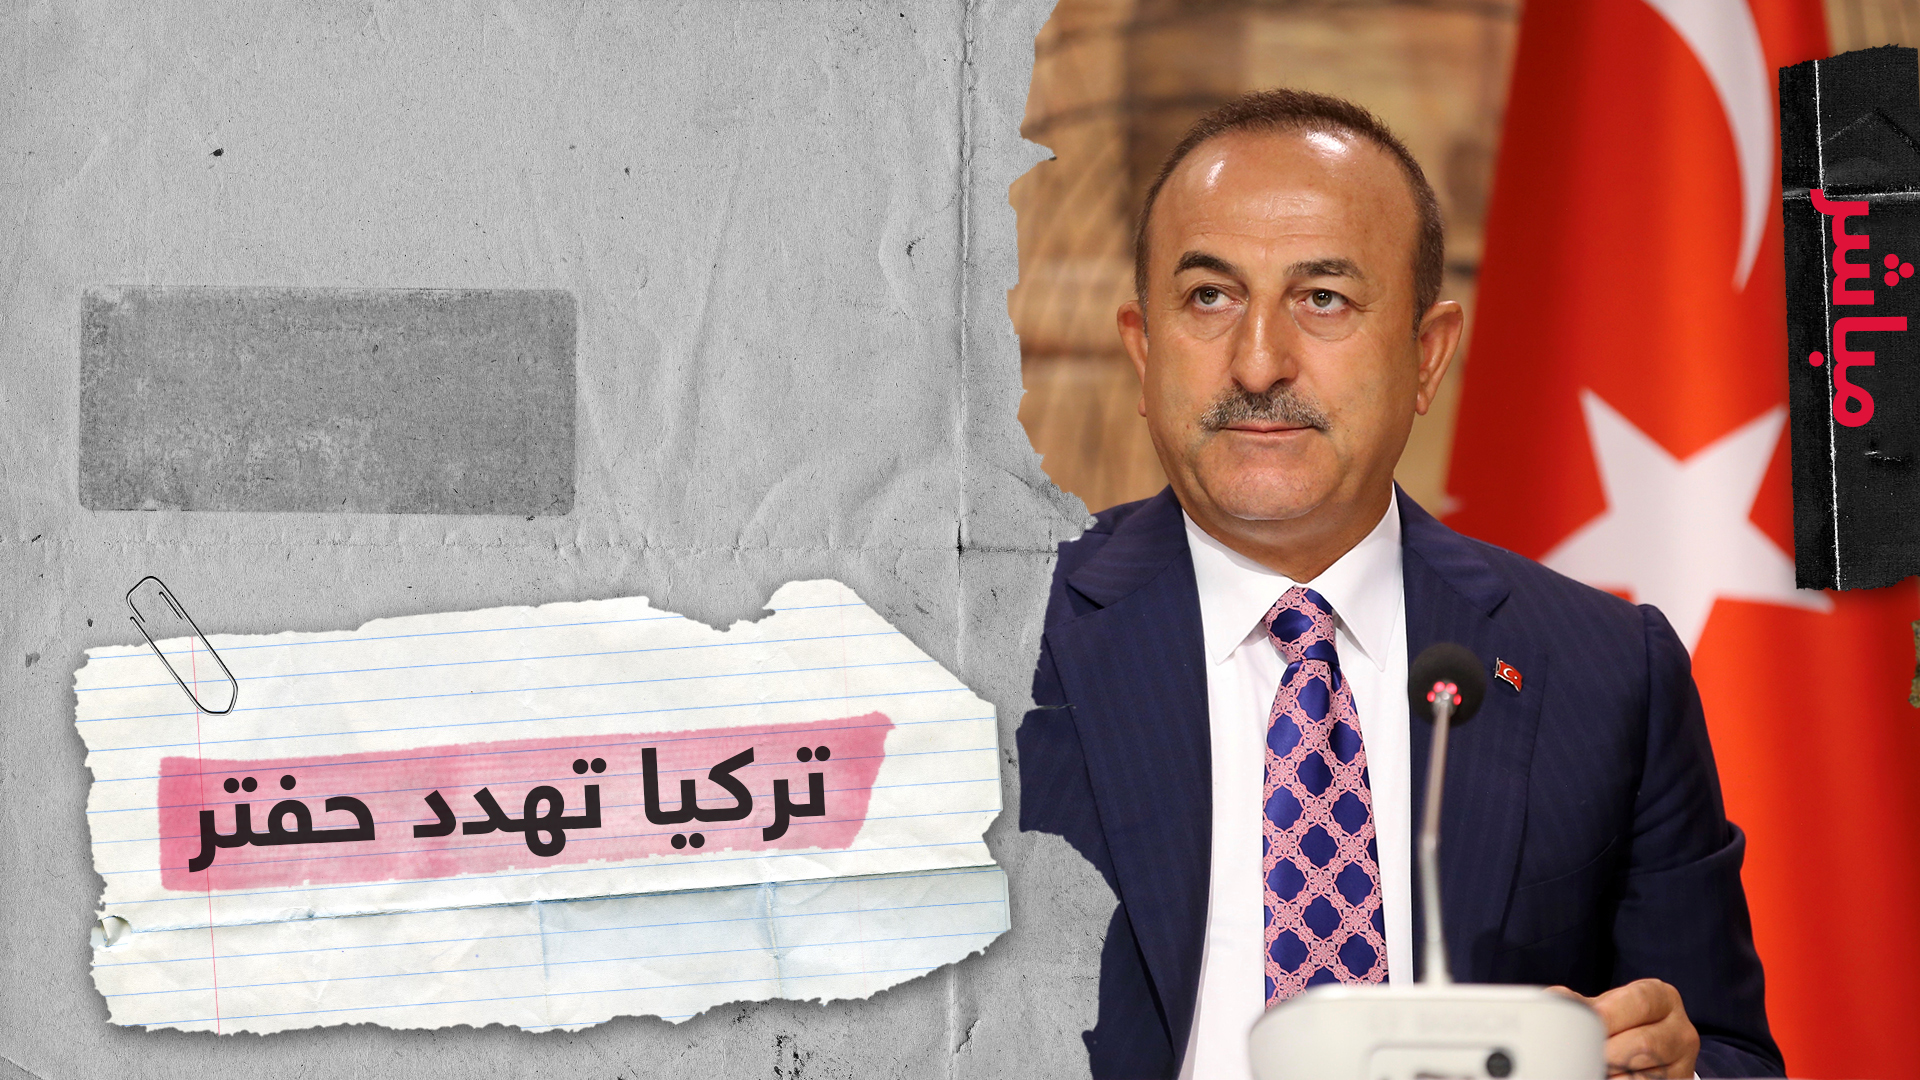 تركيا تطالب قوات حفتر بالانسحاب من مدينة سرت